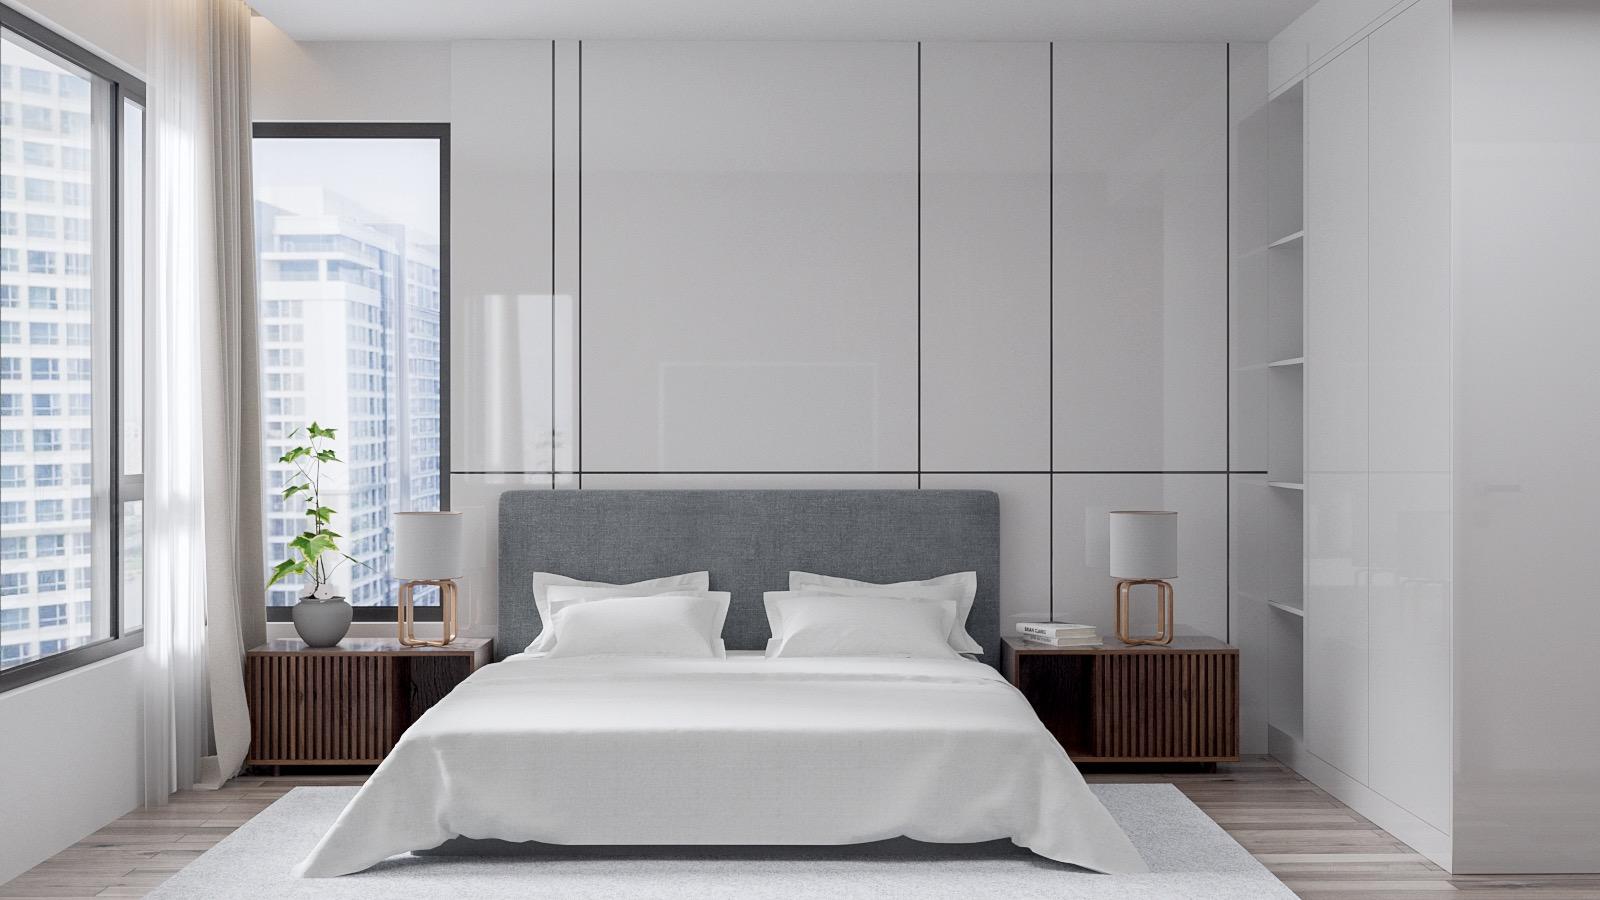 20 mẫu thiết kế nội thất phòng ngủ hiện đại, tiện nghi ai cũng muốn sở hữu